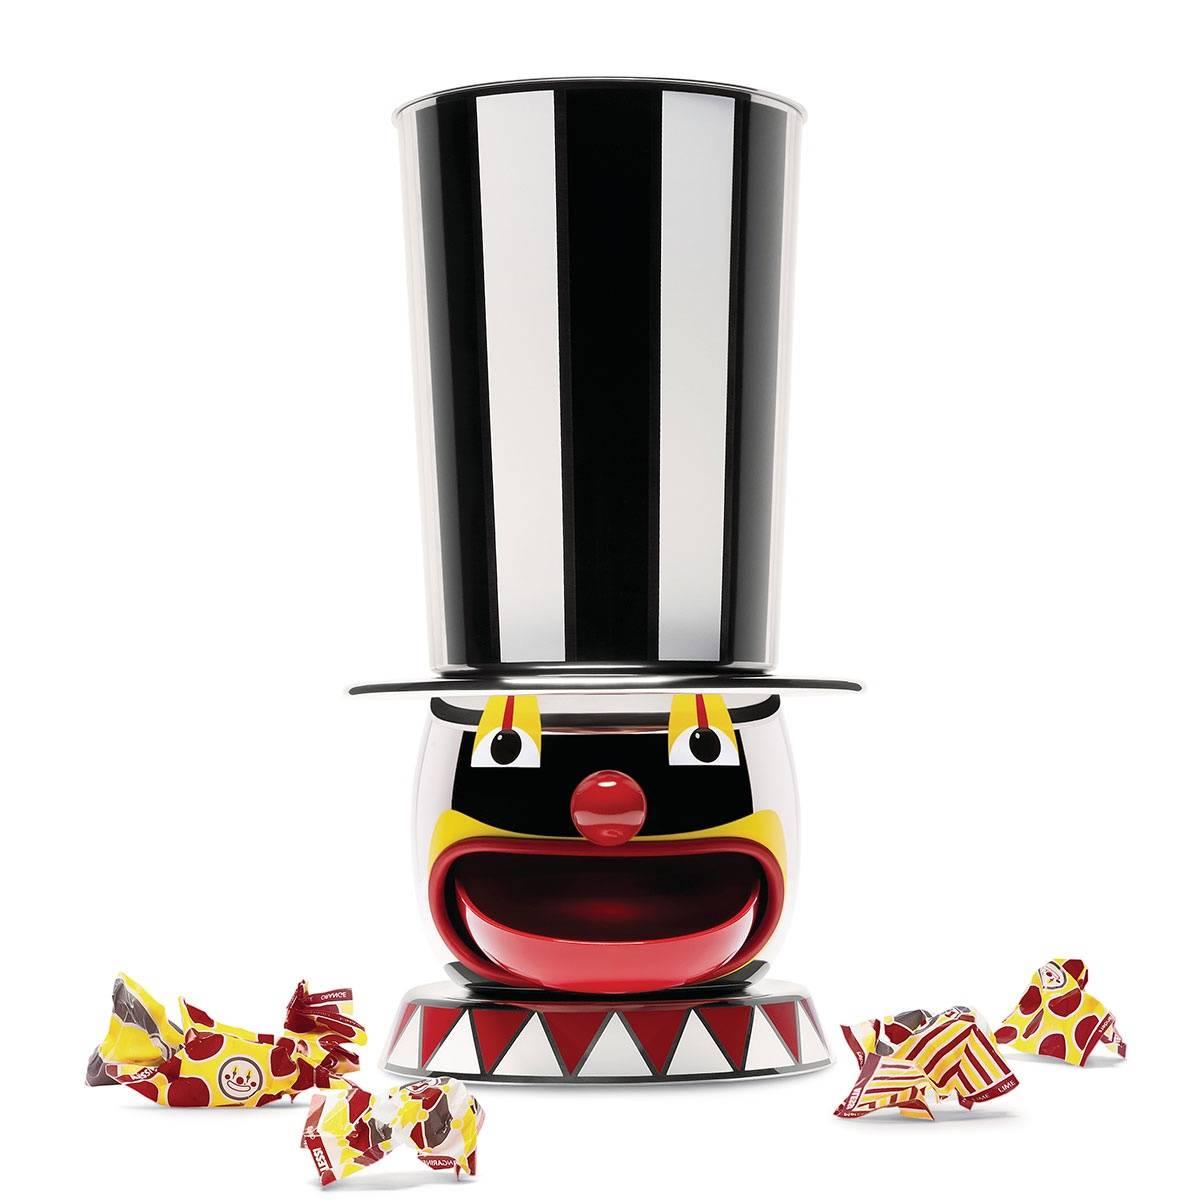 Distributore di caramelle in acciaio inossidabile 18/10 realizzato mediante due diversi processi di lavorazione